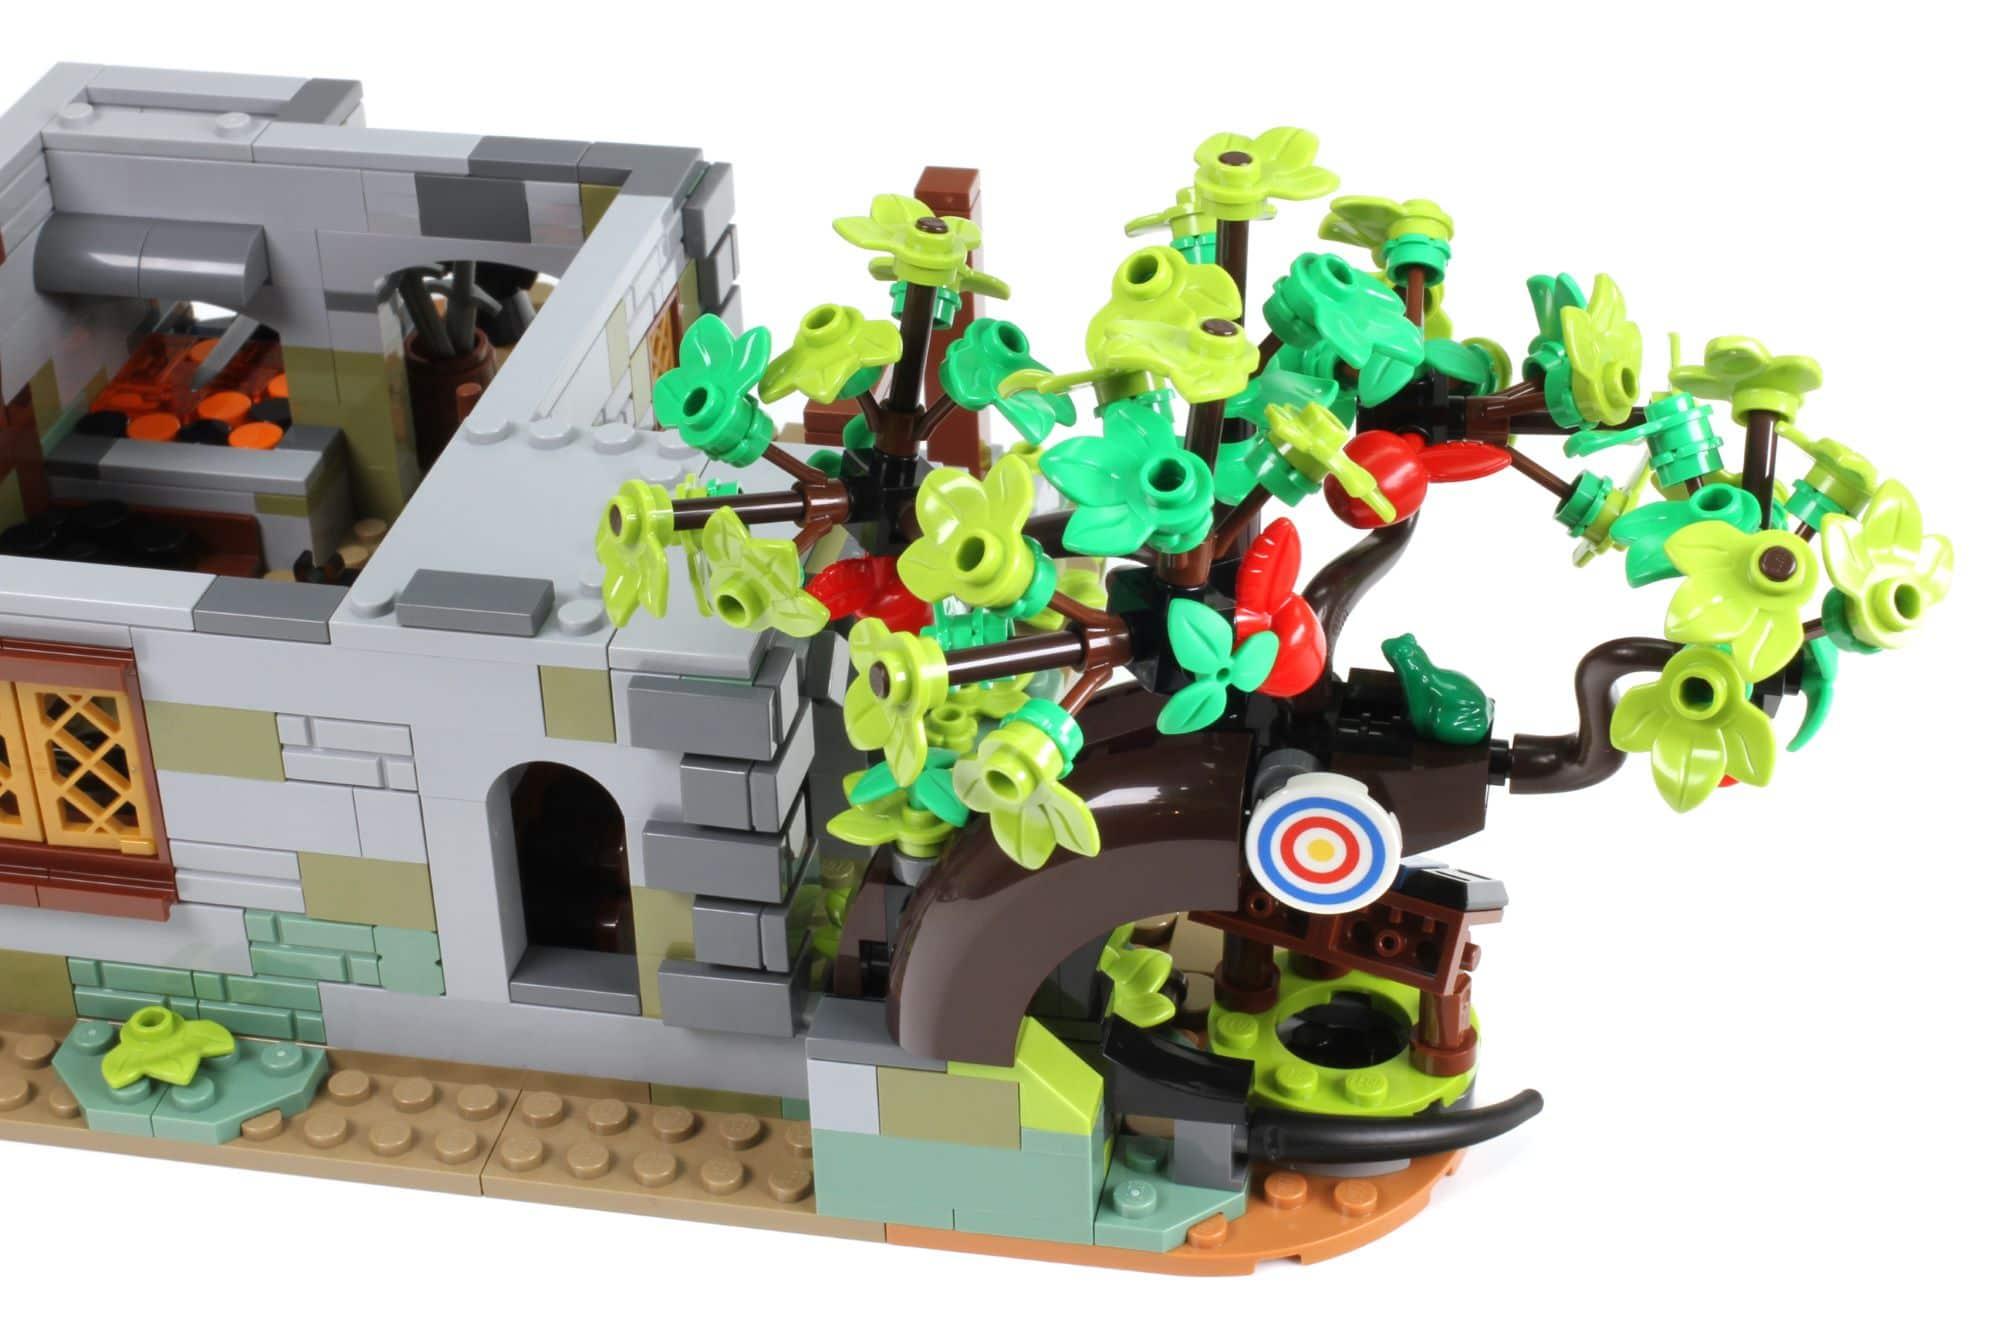 LEGO Ideas 21325 Mittelalterliche Schmiede Bauabschnitt 5 3